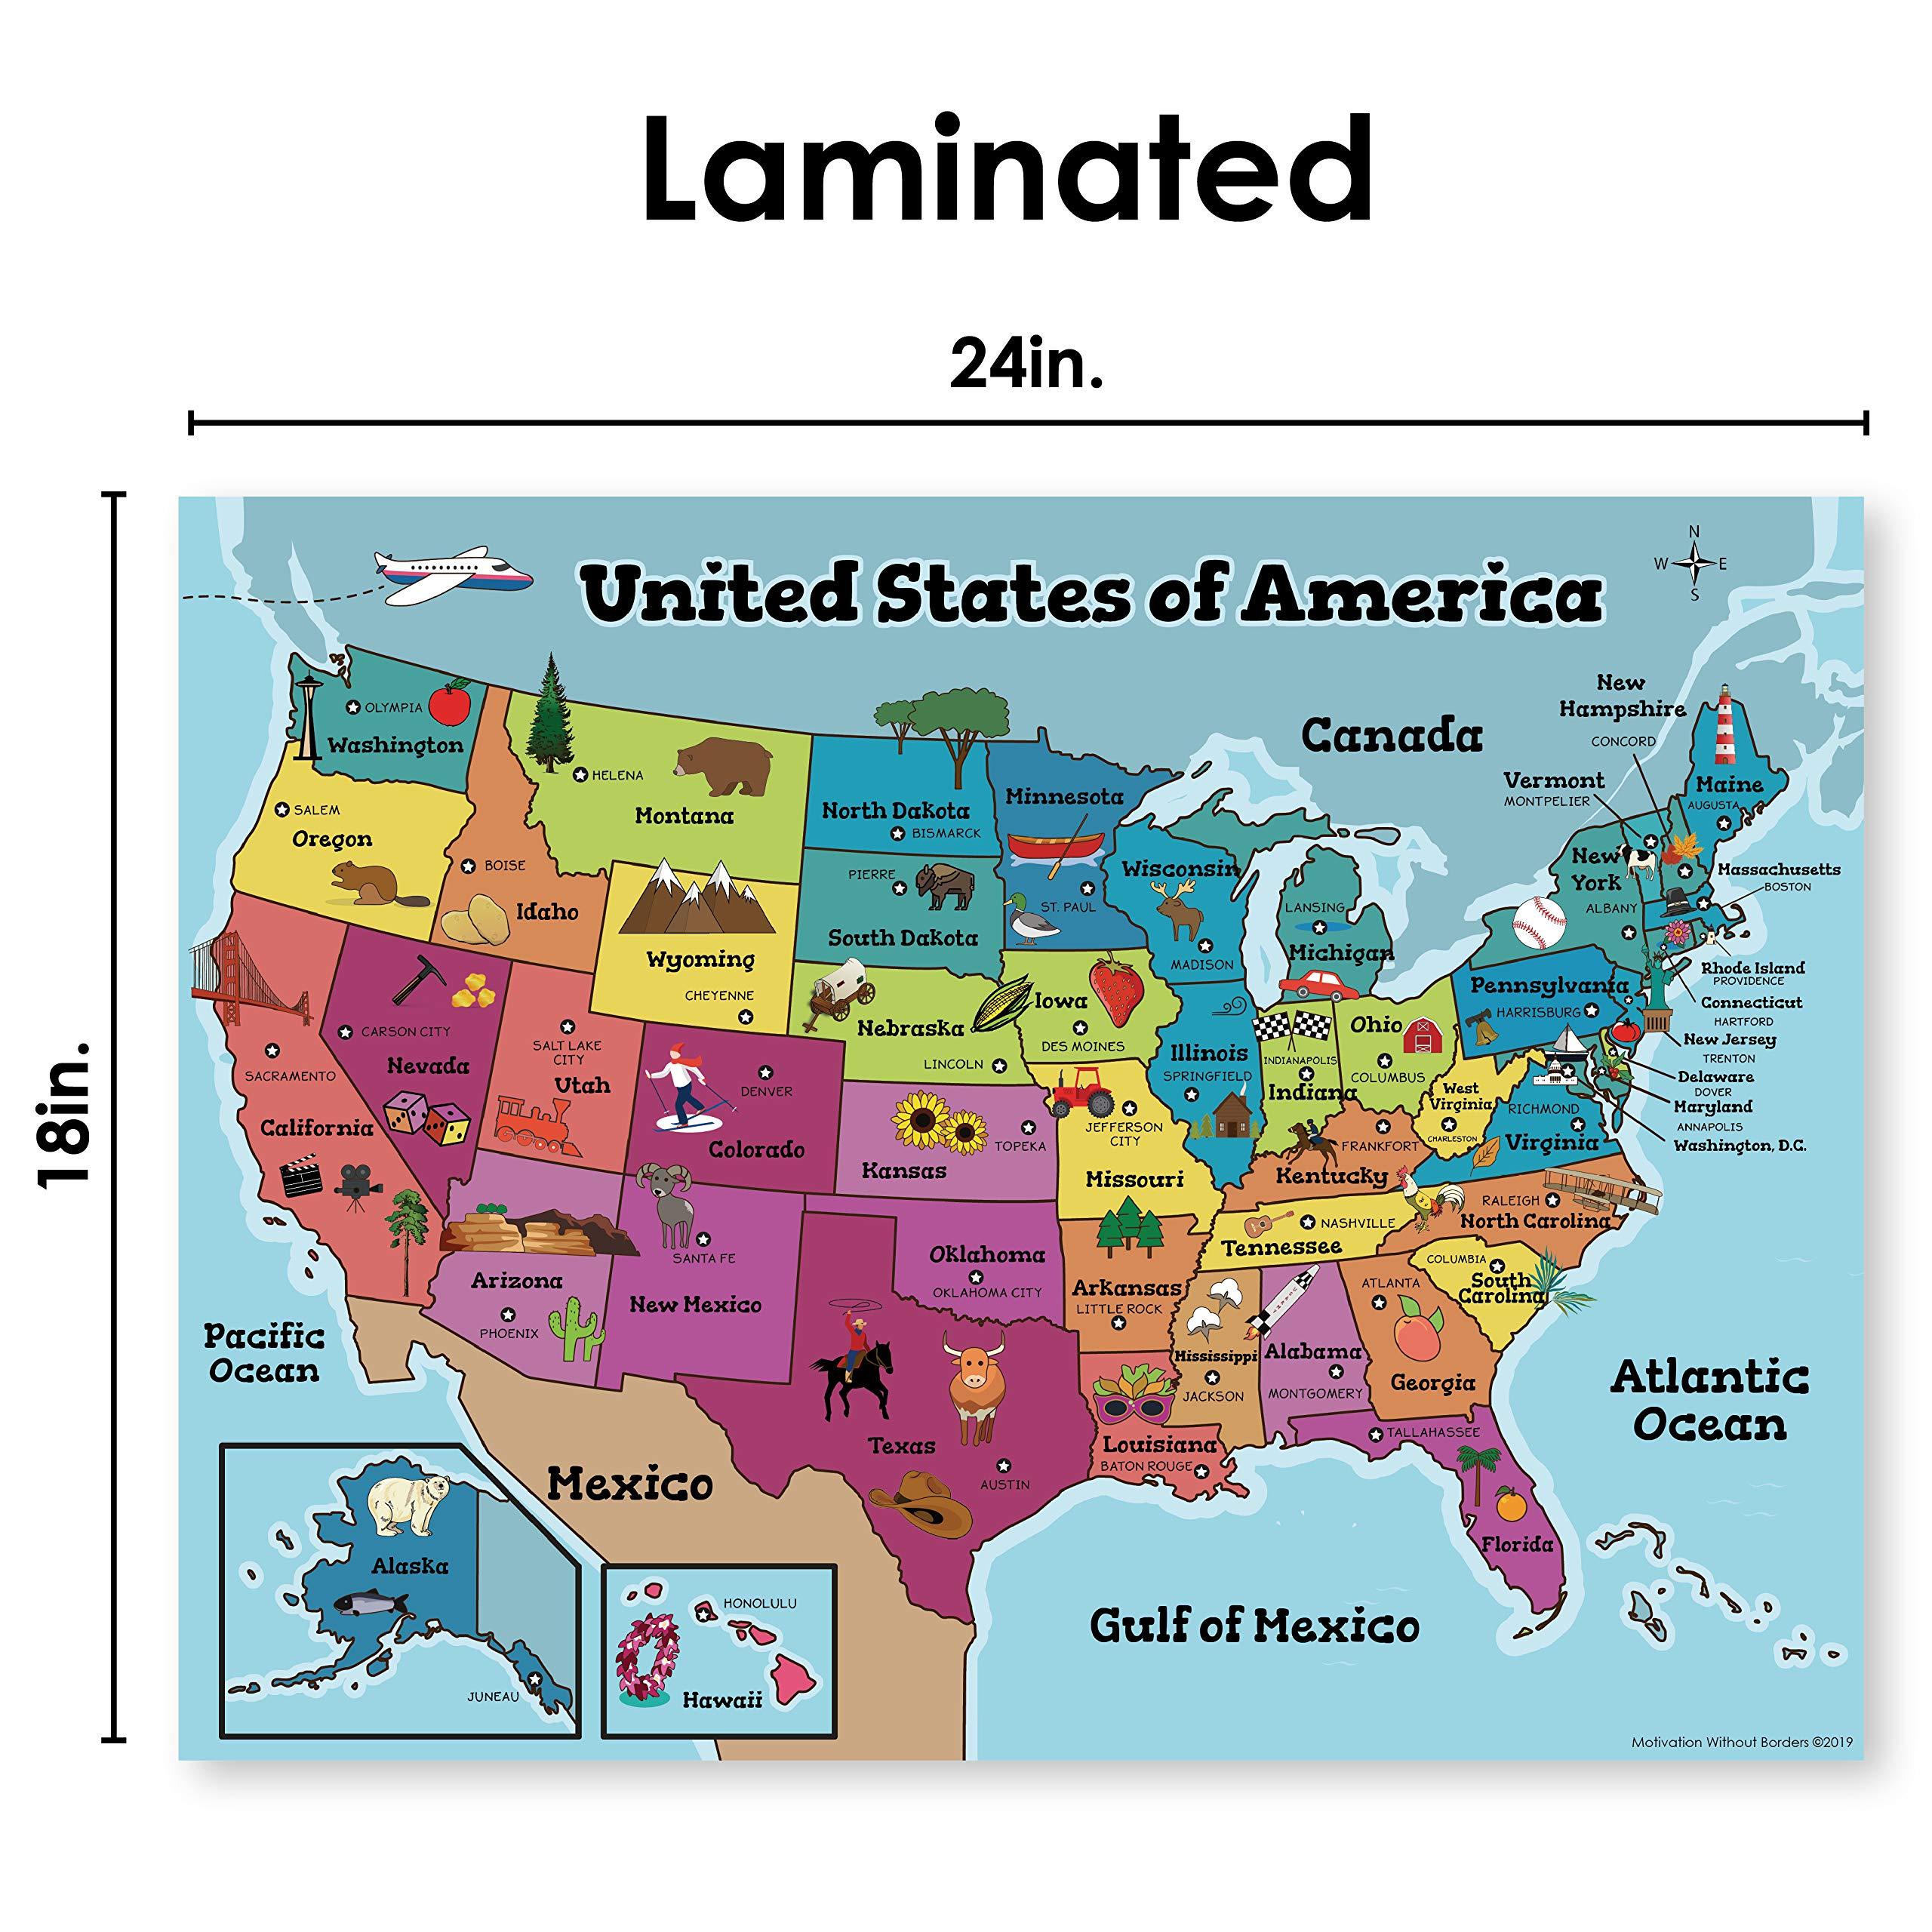 Mapa de Estados Unidos para niños (18 x 24 laminado mapa de Estados Unidos) mapa ideal de Estados Unidos para aulas, carteles o hogar: Amazon.es: Oficina y papelería